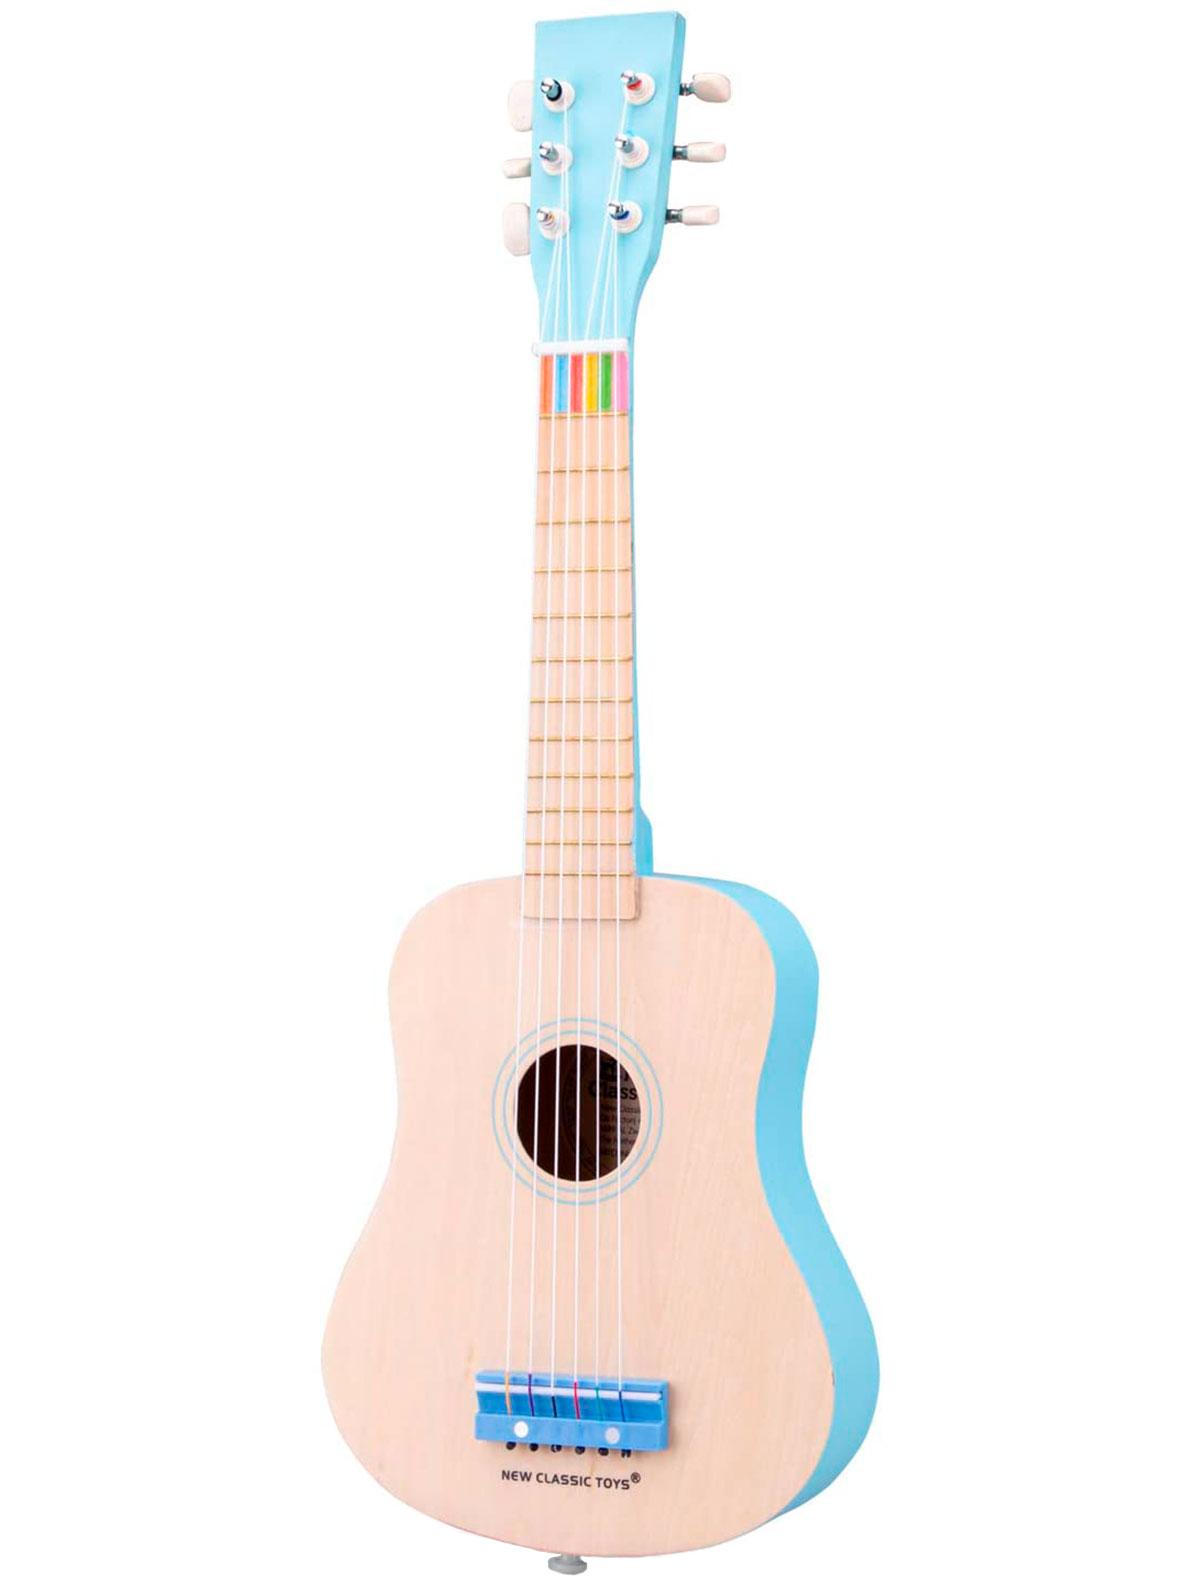 Купить 2220455, Игрушка New Classic Toys, голубой, 7134529071937